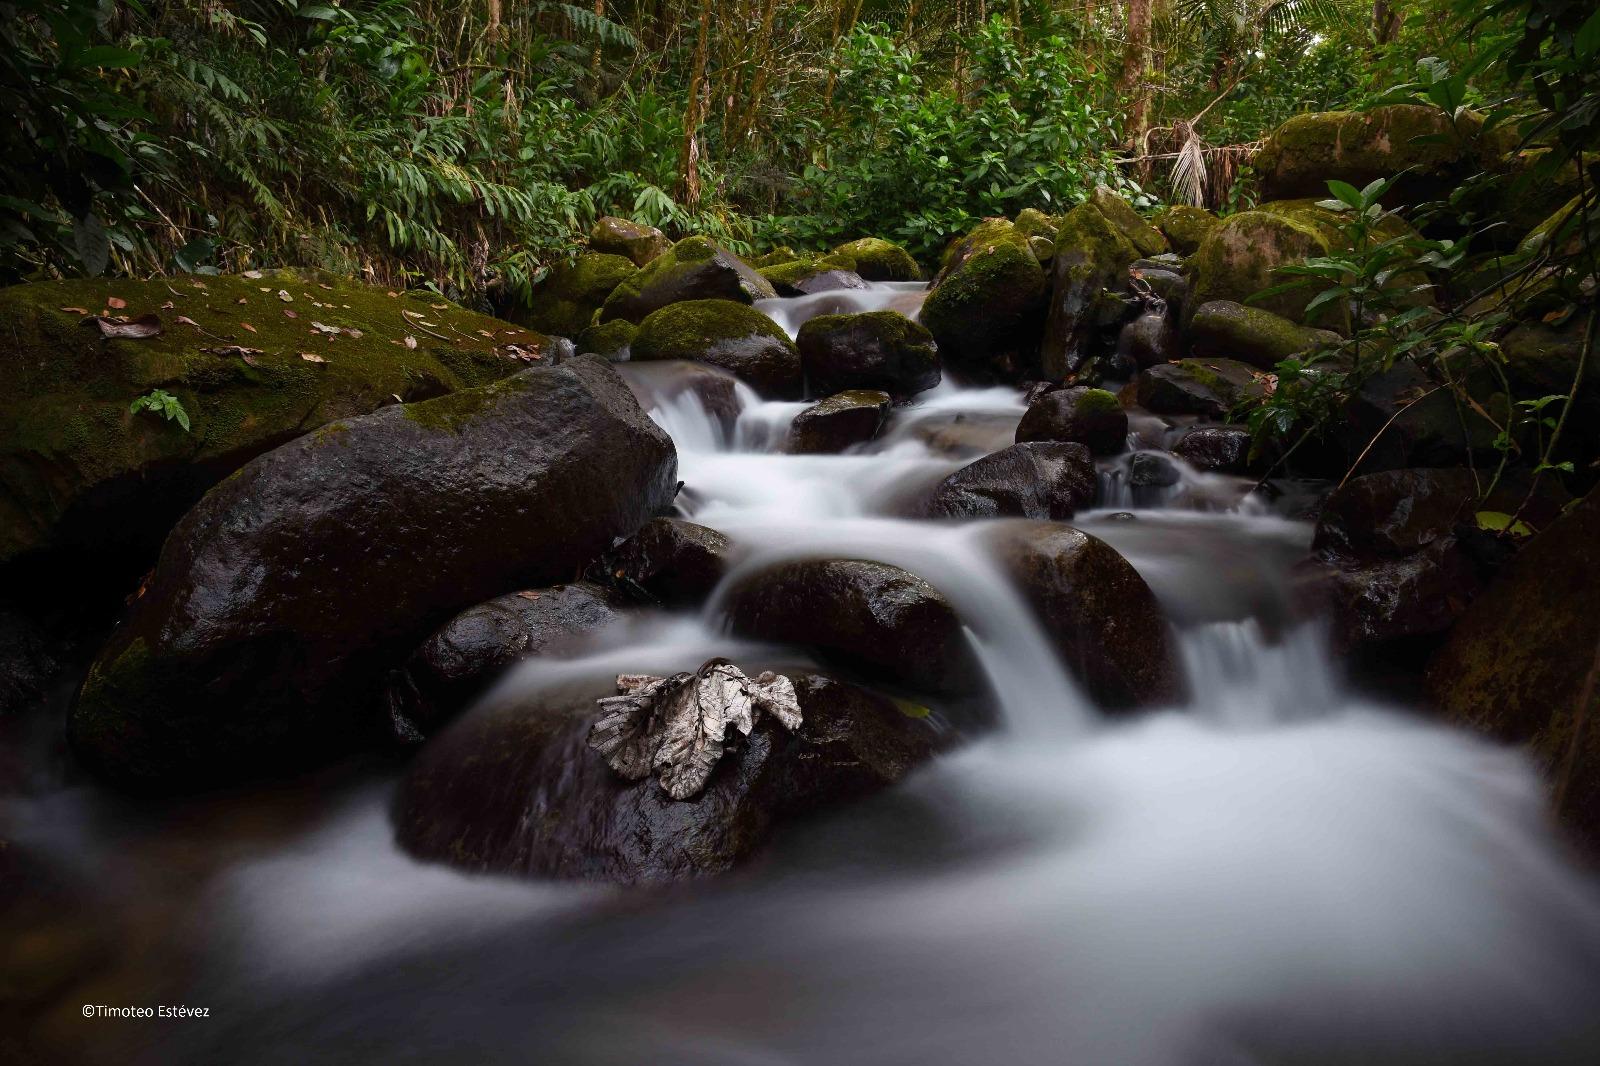 La Reserva de Ébano Verde: Una zona privilegiada de RD que pocos conocen